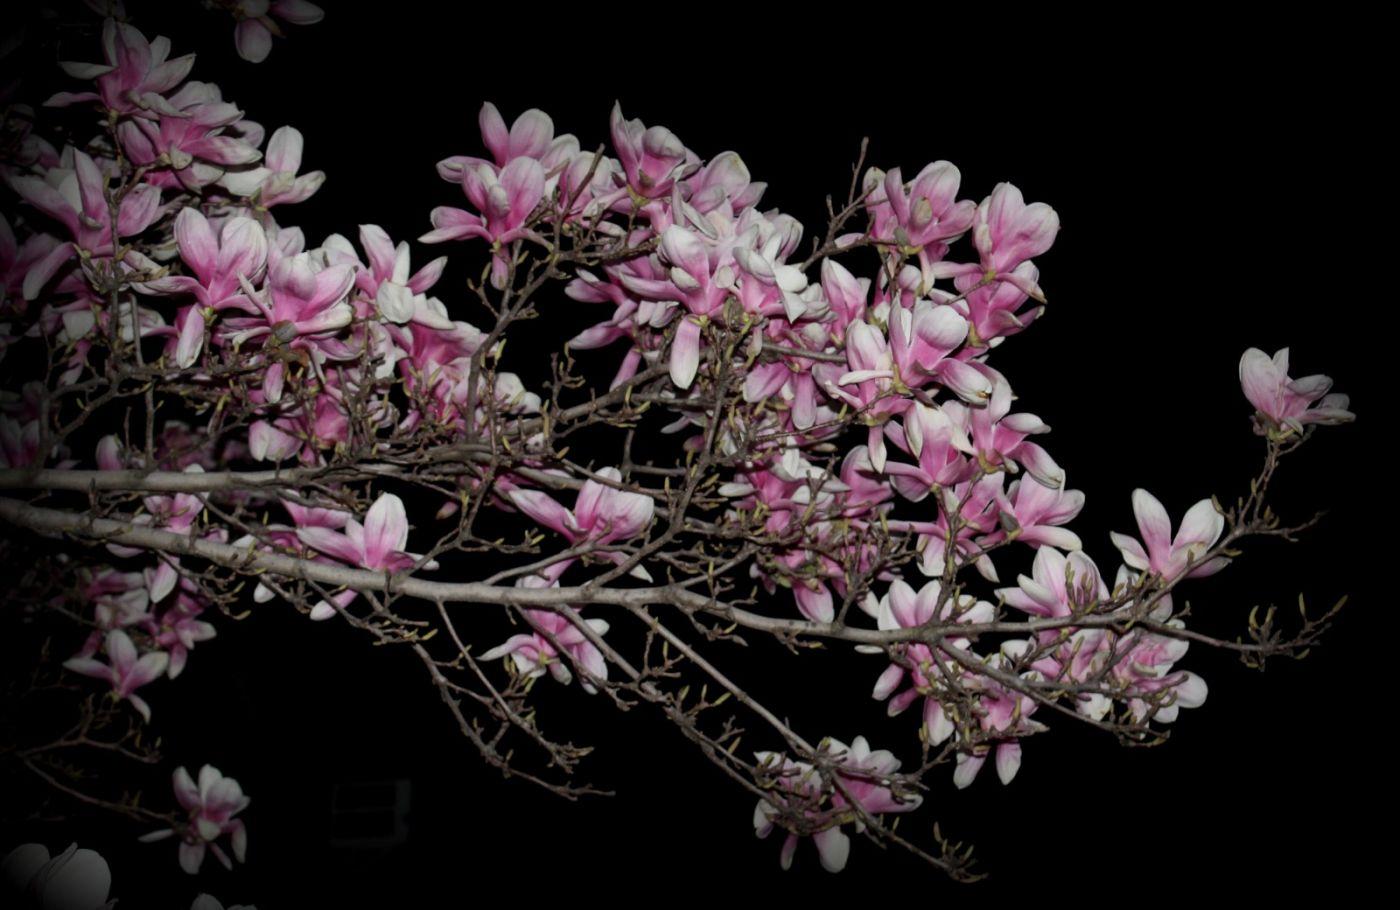 再拍紫玉兰_图1-25